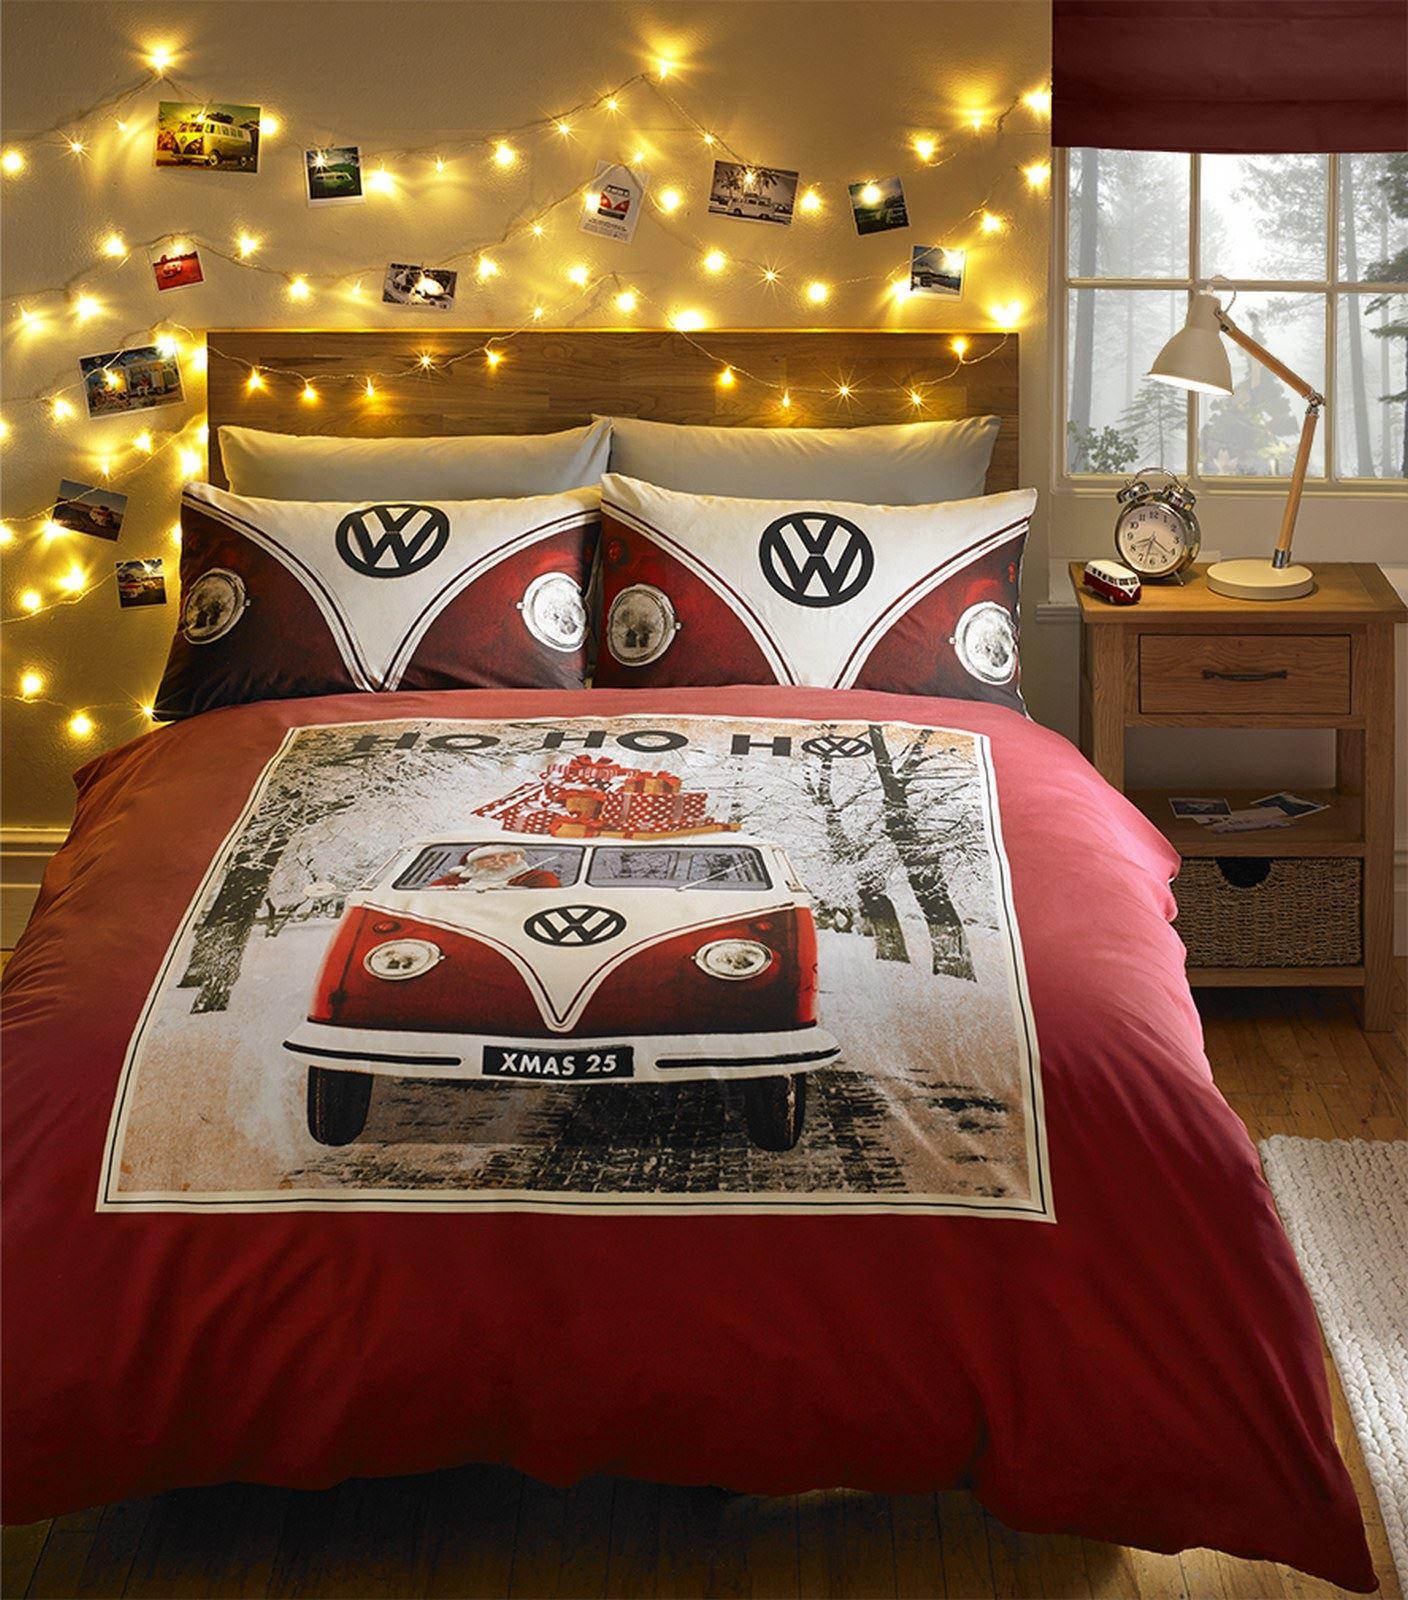 campervan col opt res vw voitures couette housse de. Black Bedroom Furniture Sets. Home Design Ideas